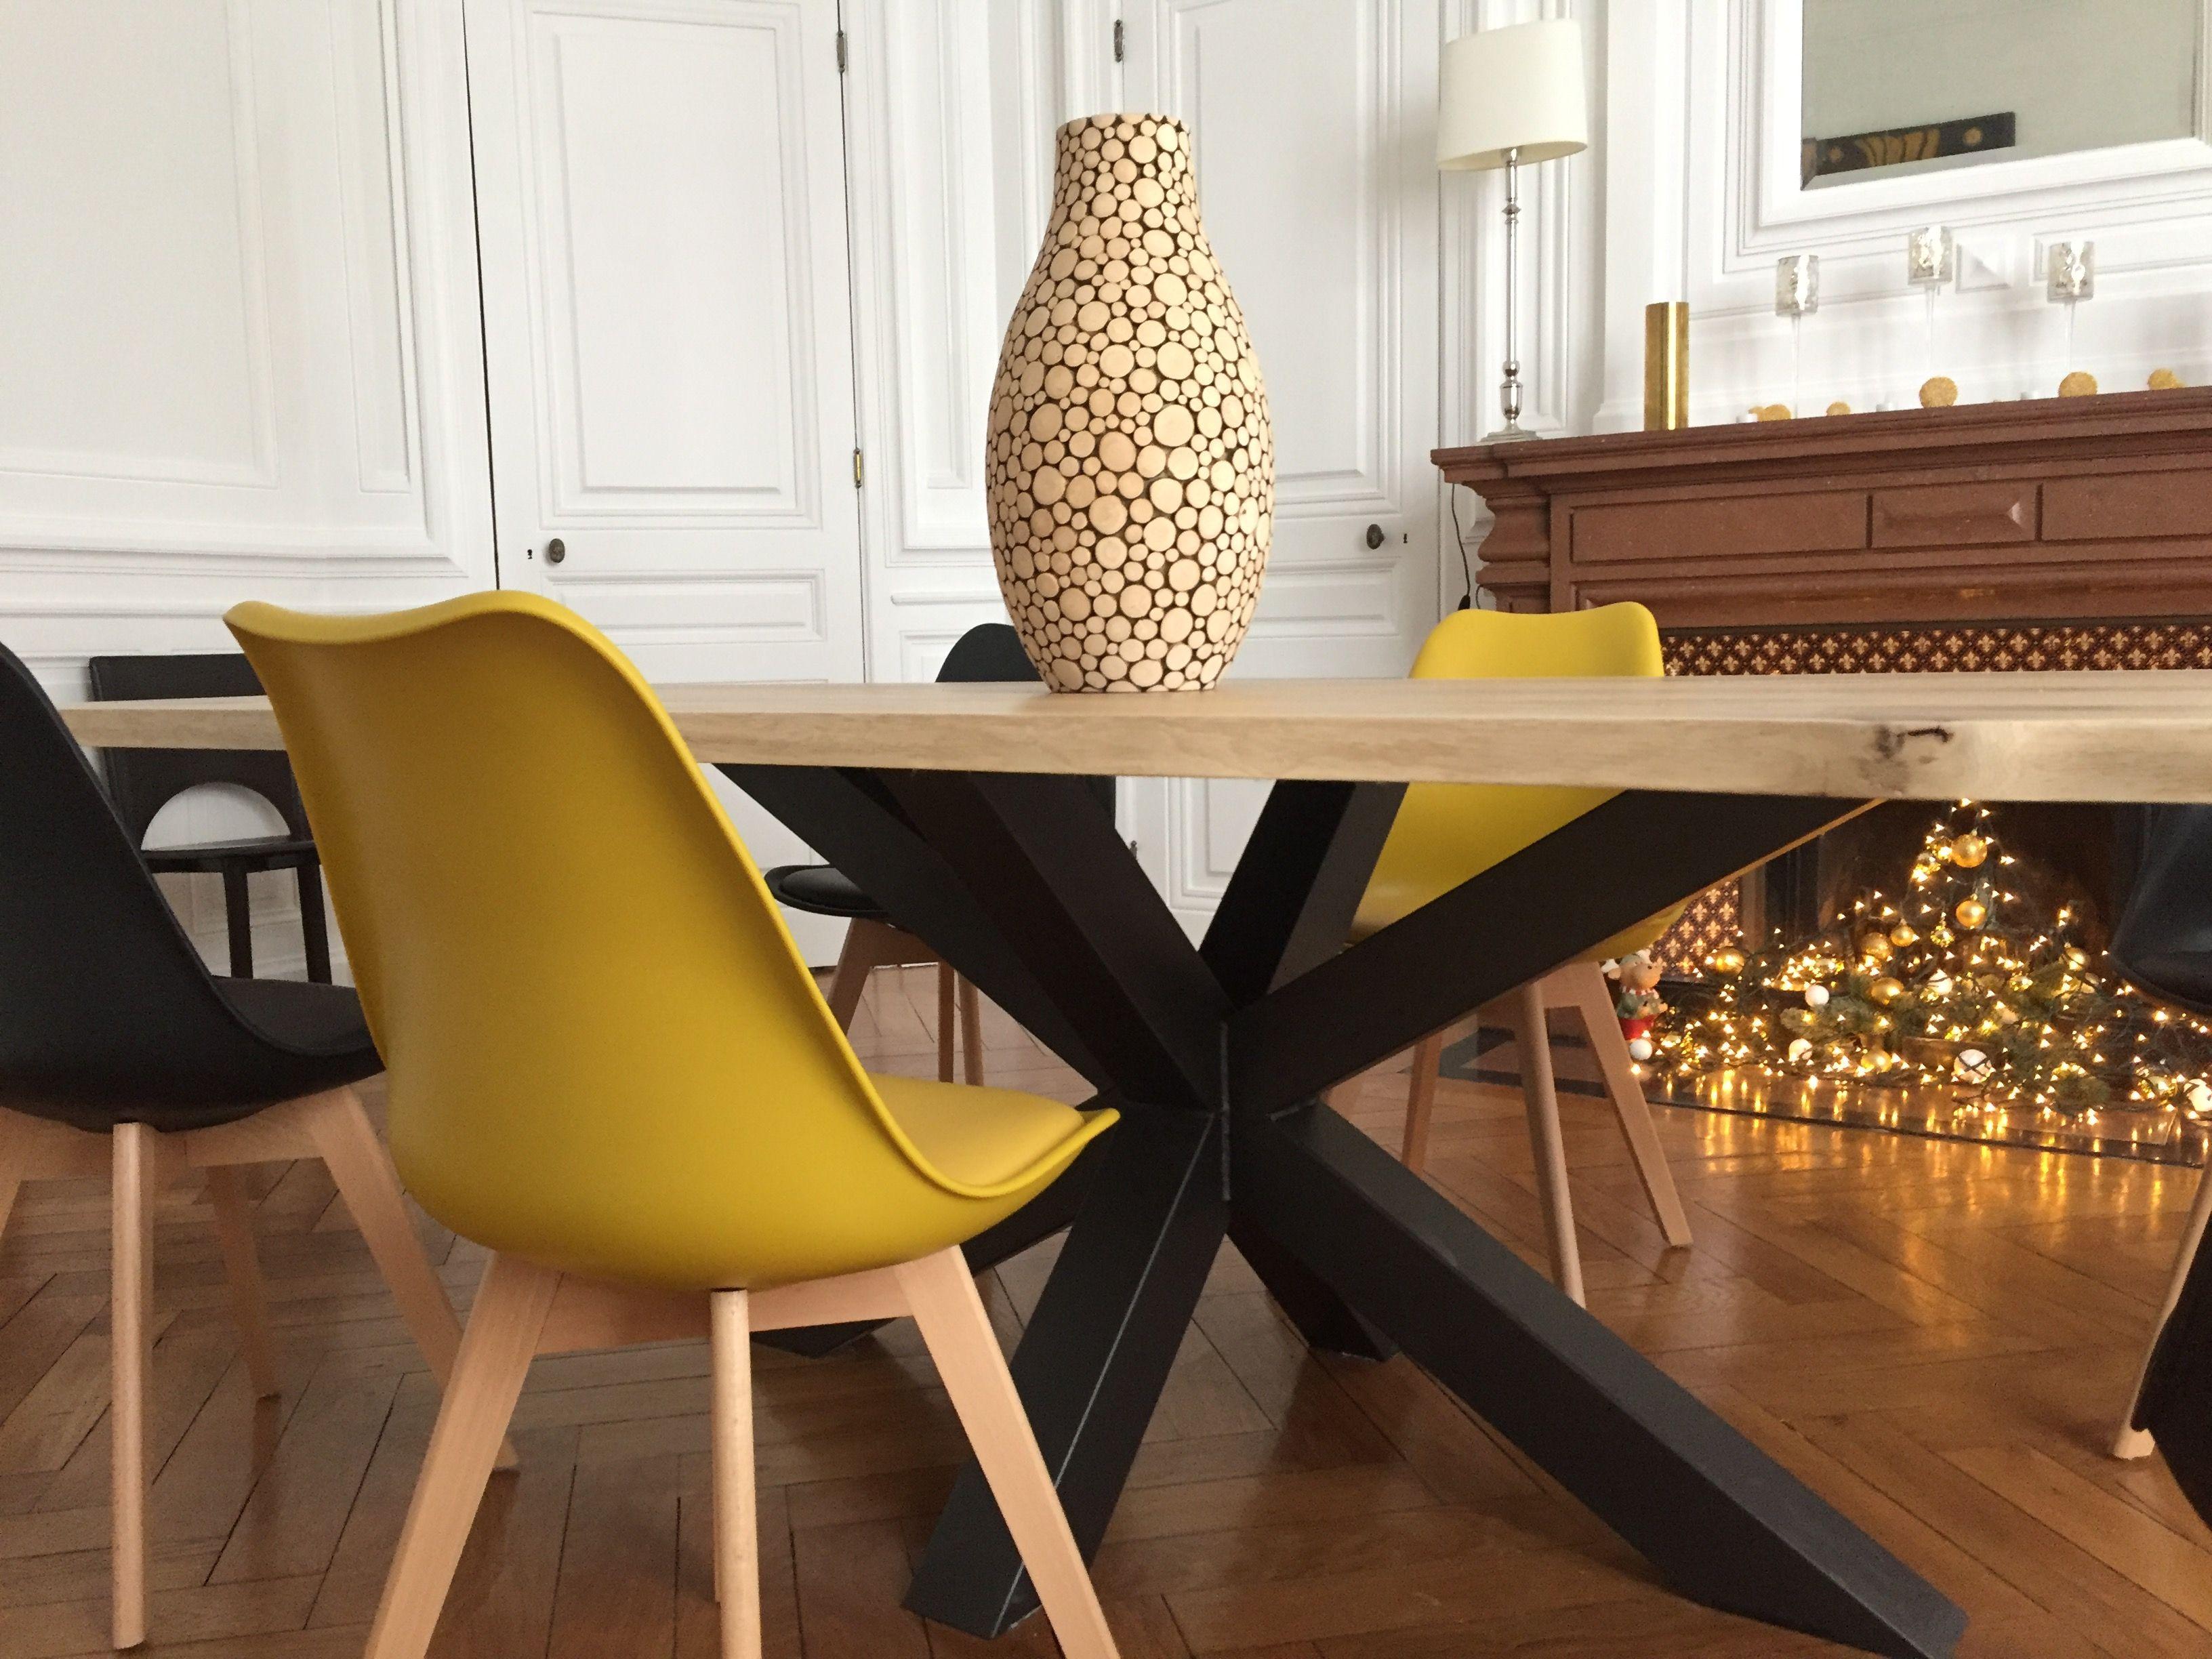 Table En Bois Chene Clair table bois métal pied central - design industriel - création